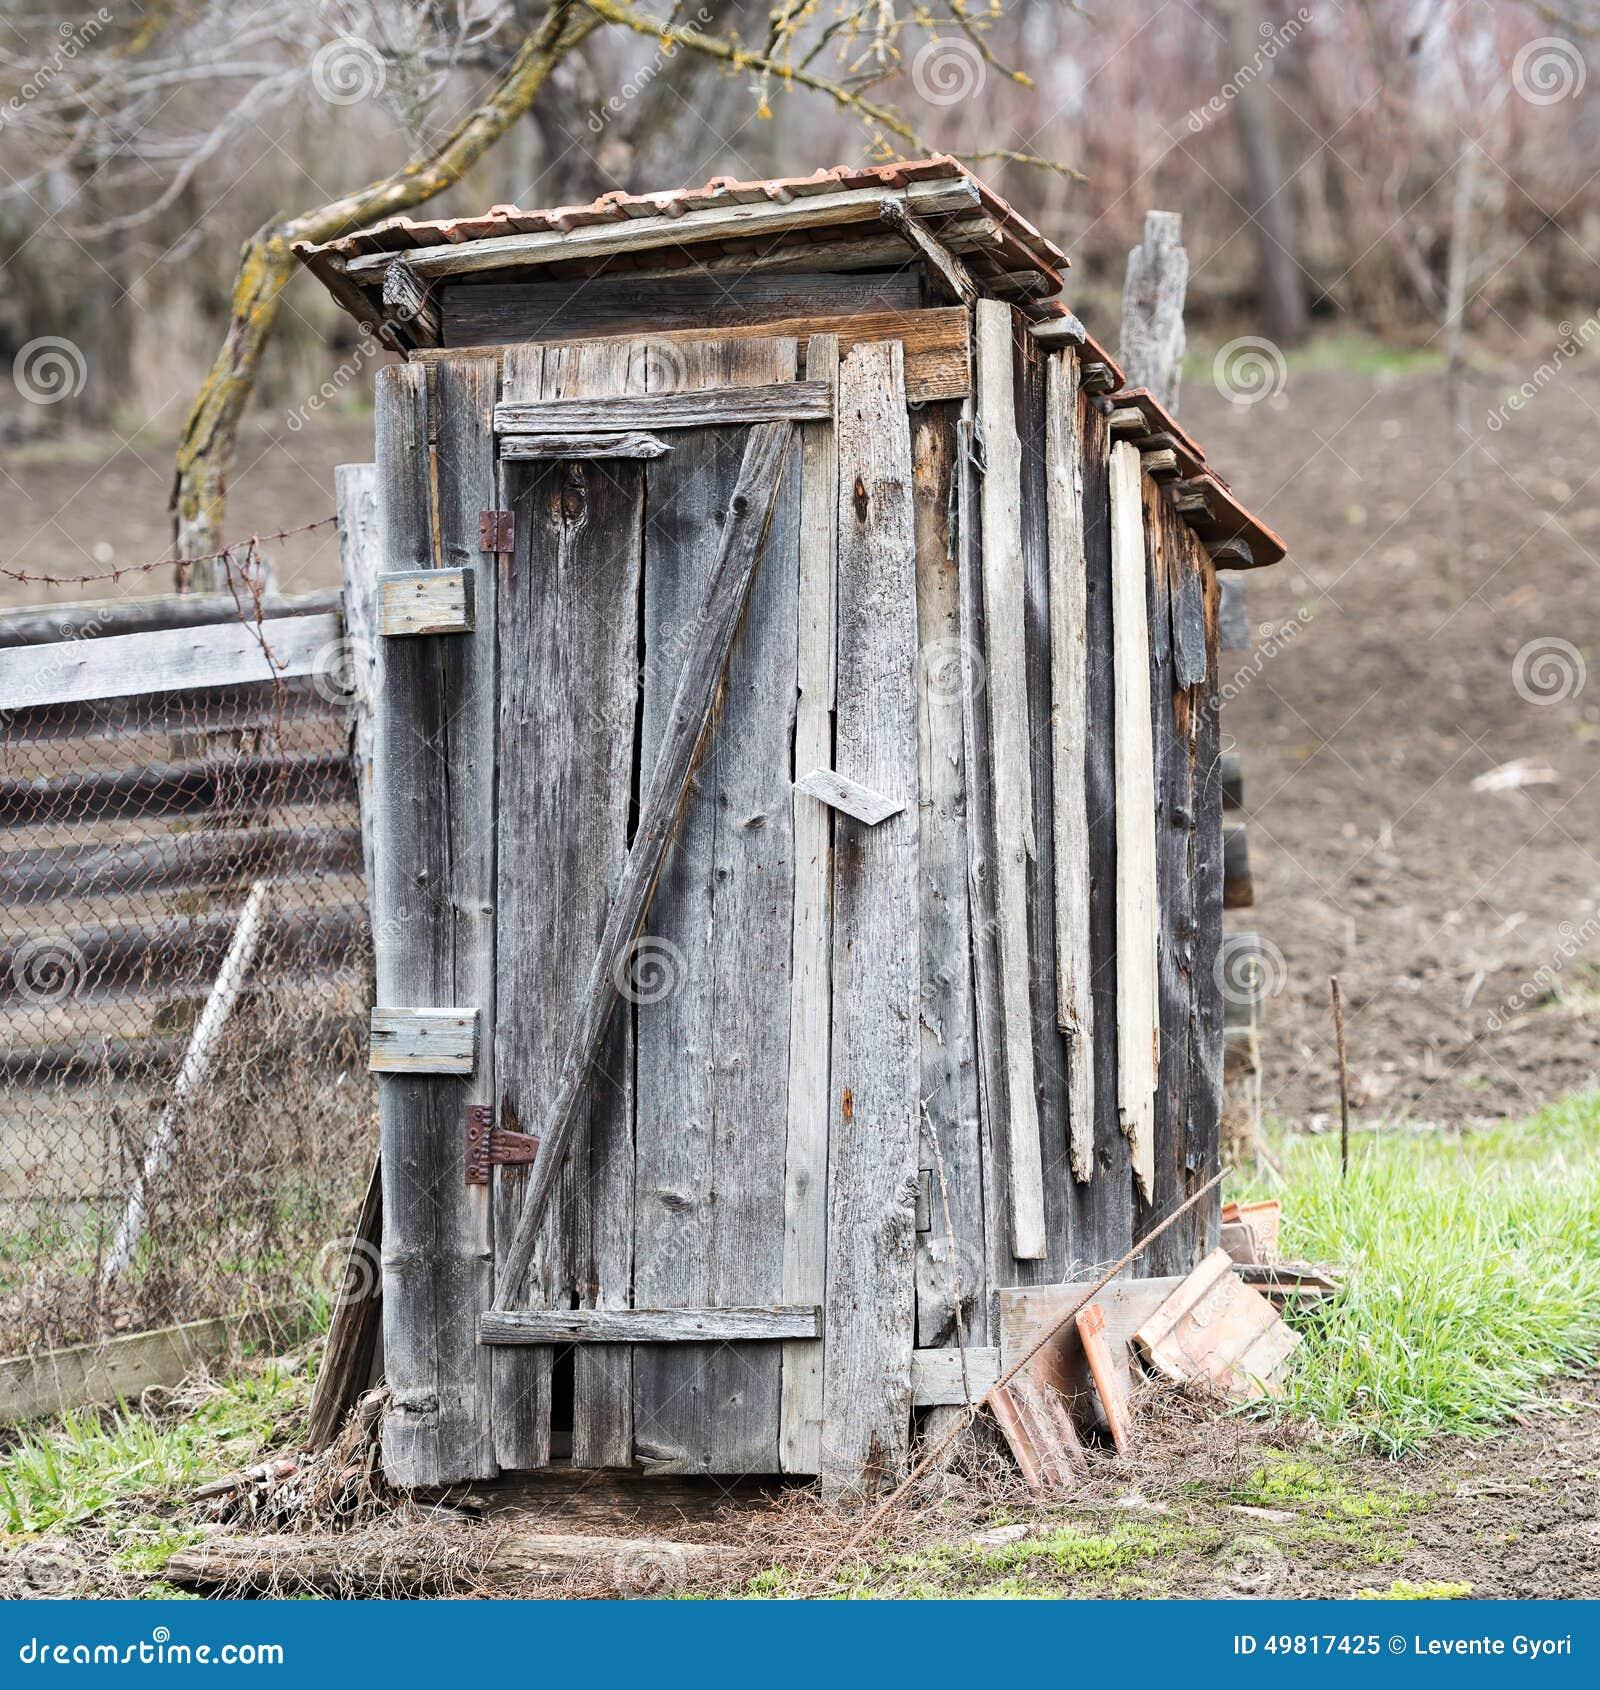 toilette en bois d 39 ext rieur image stock image du architecture trappe 49817425. Black Bedroom Furniture Sets. Home Design Ideas